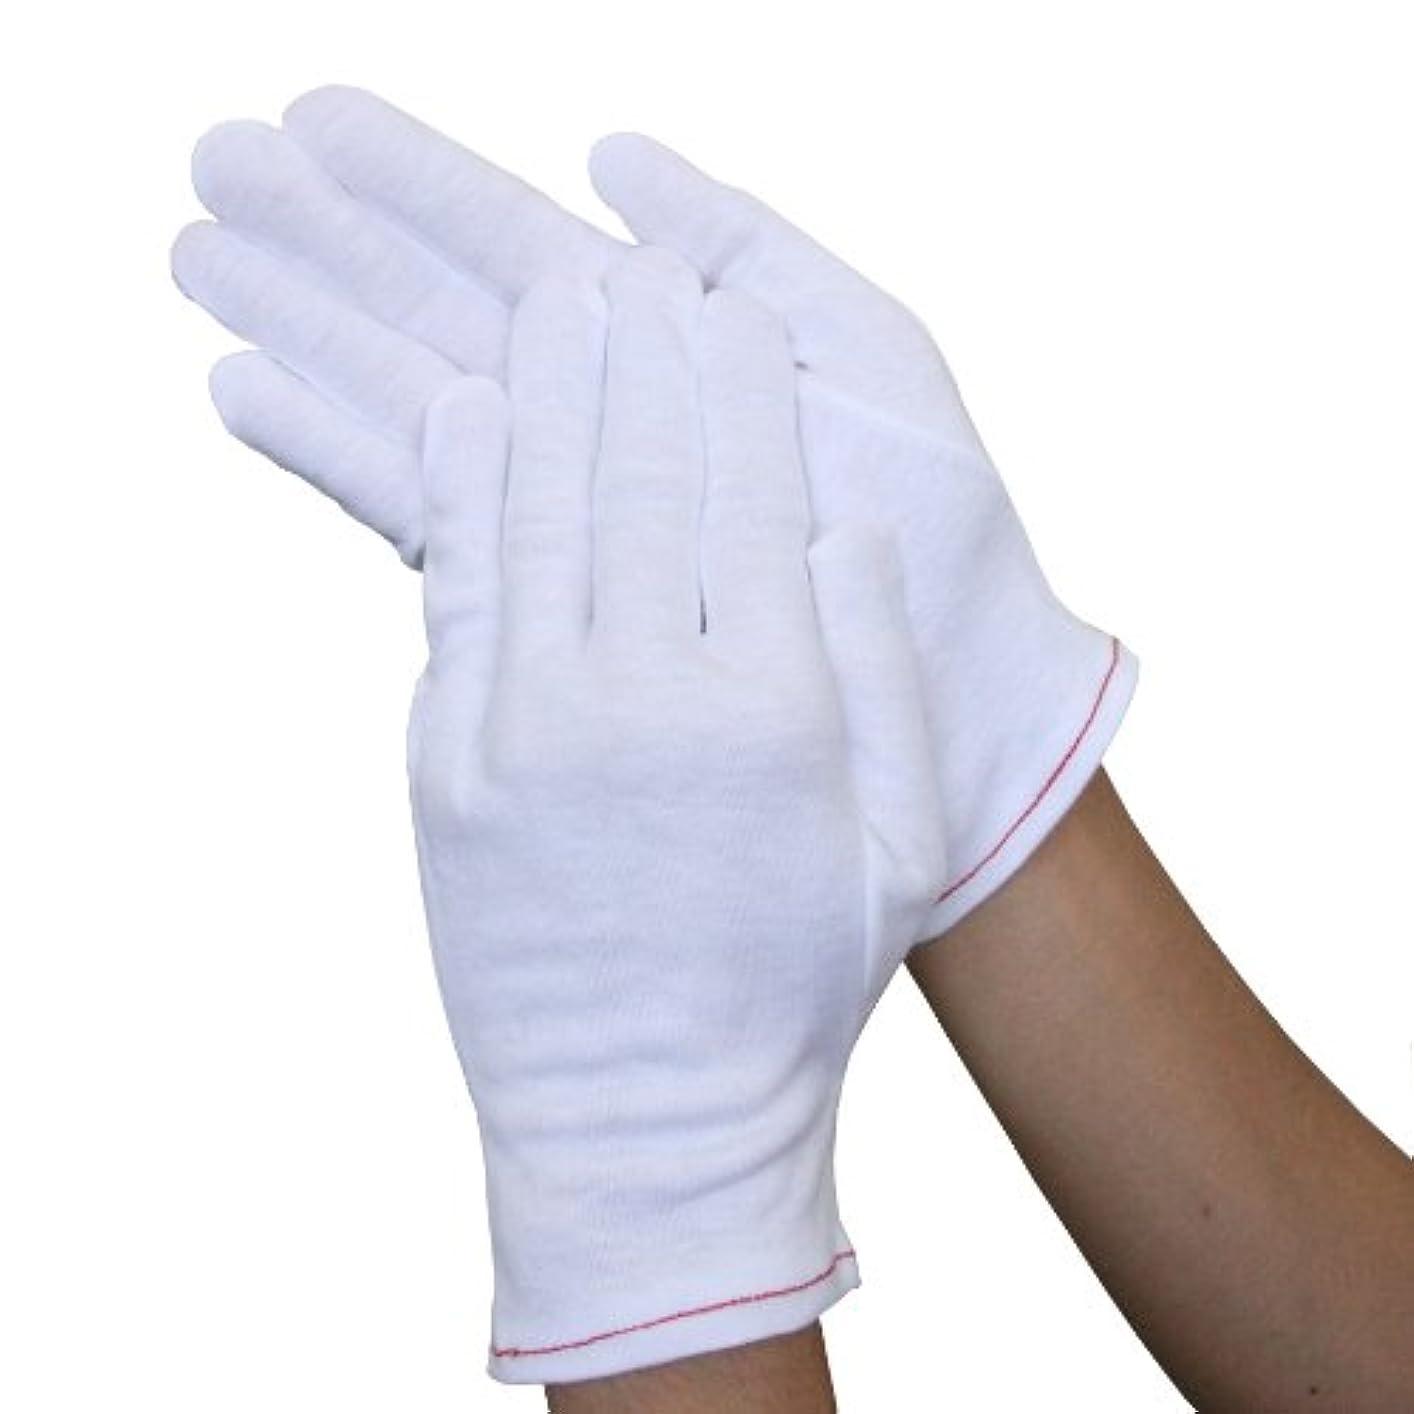 くるみ文化エンコミウムウインセス 【心地よい肌触り/おやすみ手袋】 綿100%手袋 (2双) (M)